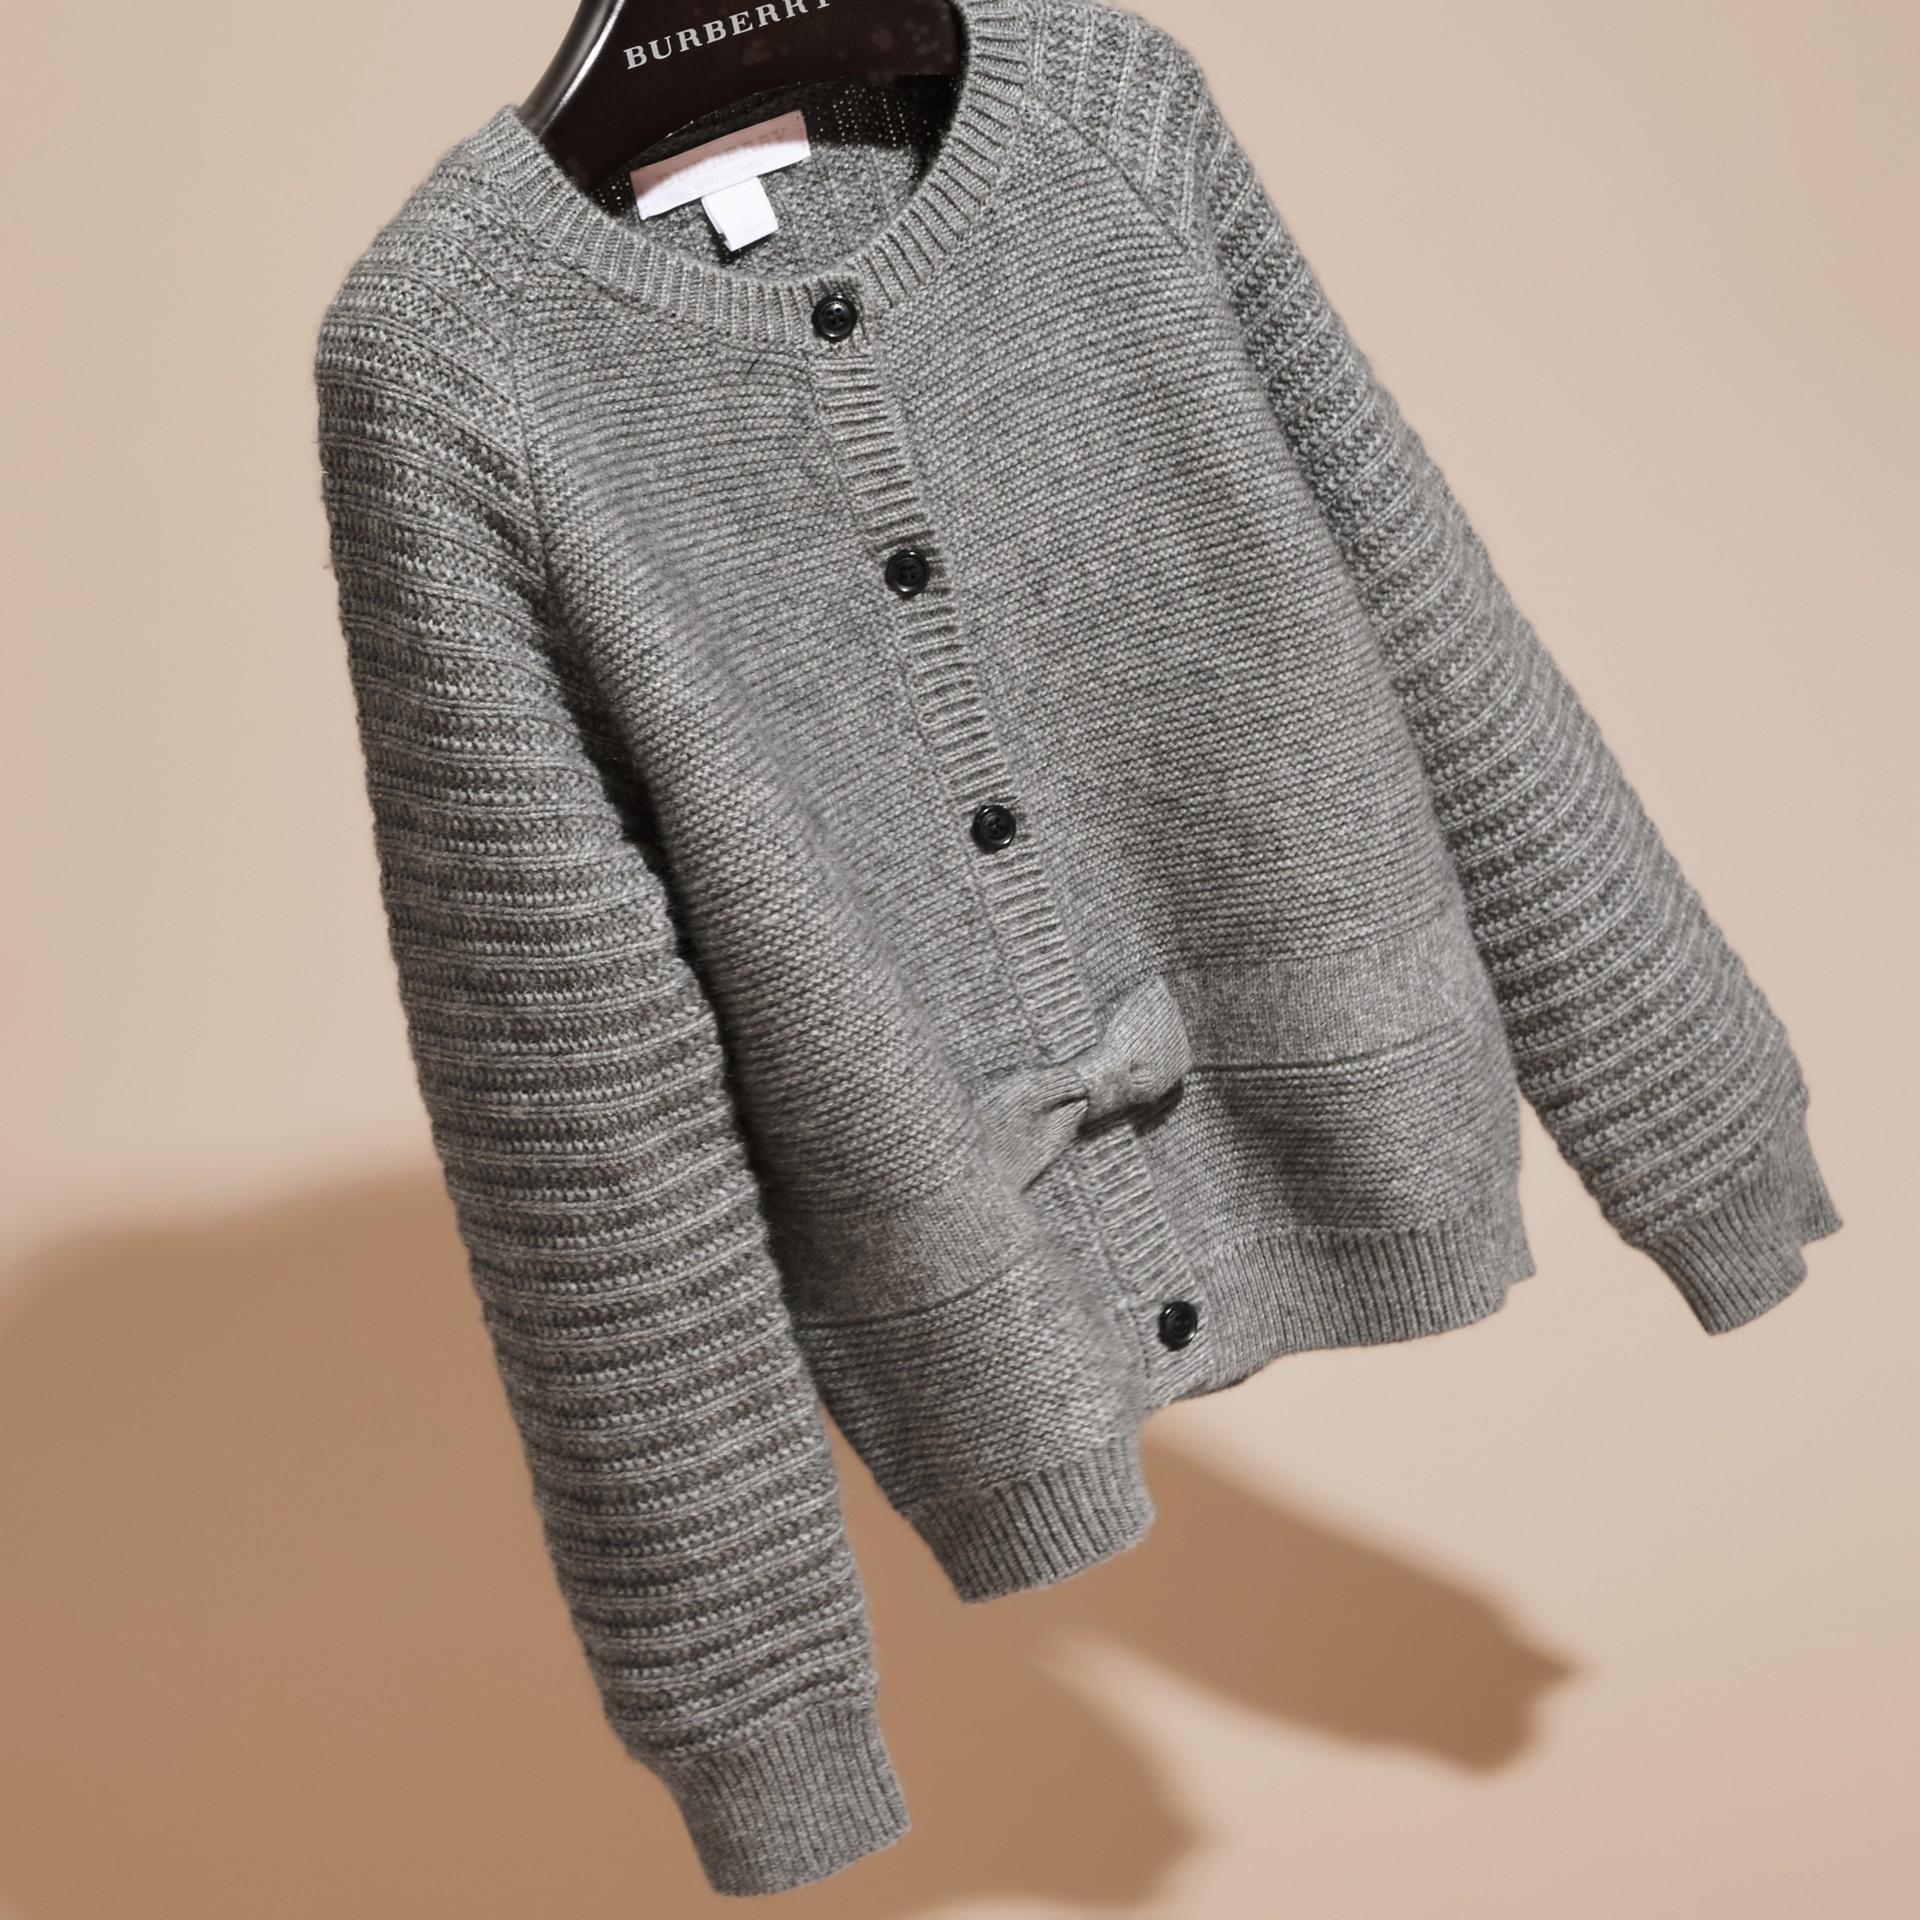 Grigio medio mélange Cardigan in cashmere e cotone con impunture multiple - immagine della galleria 3